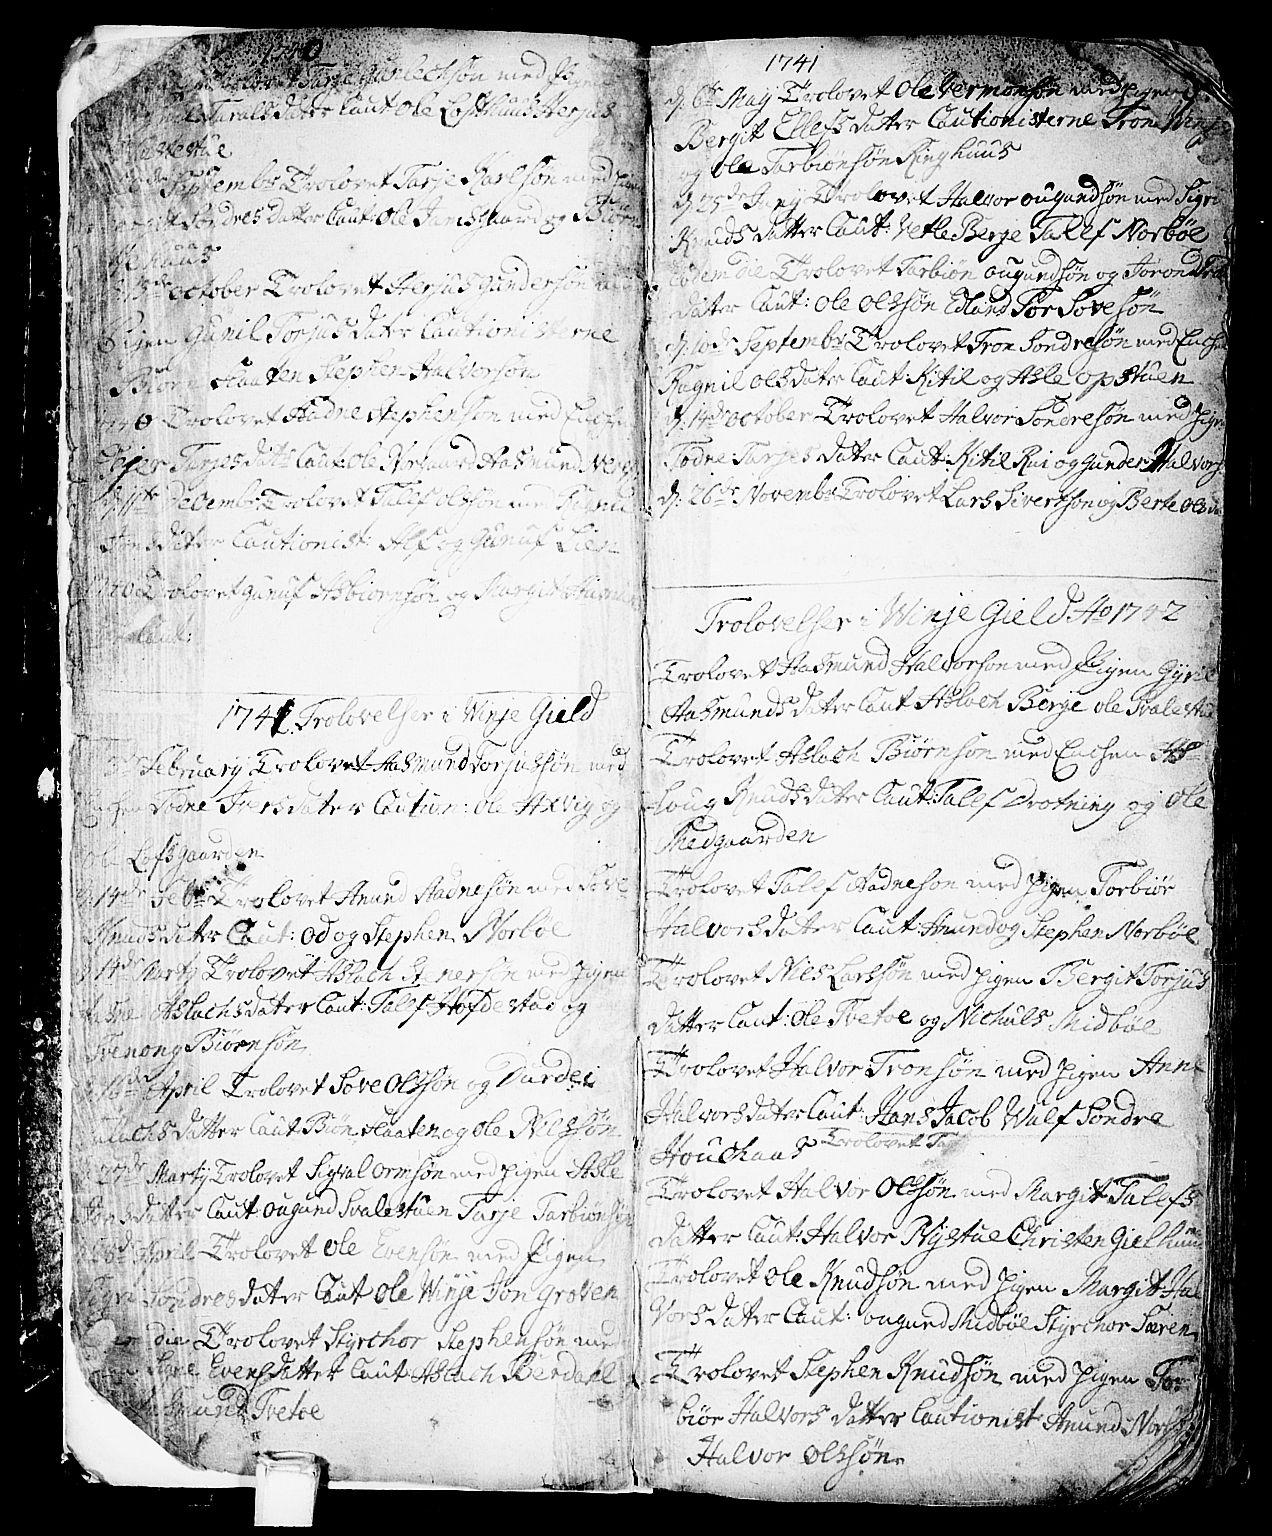 SAKO, Vinje kirkebøker, F/Fa/L0001: Ministerialbok nr. I 1, 1717-1766, s. 8